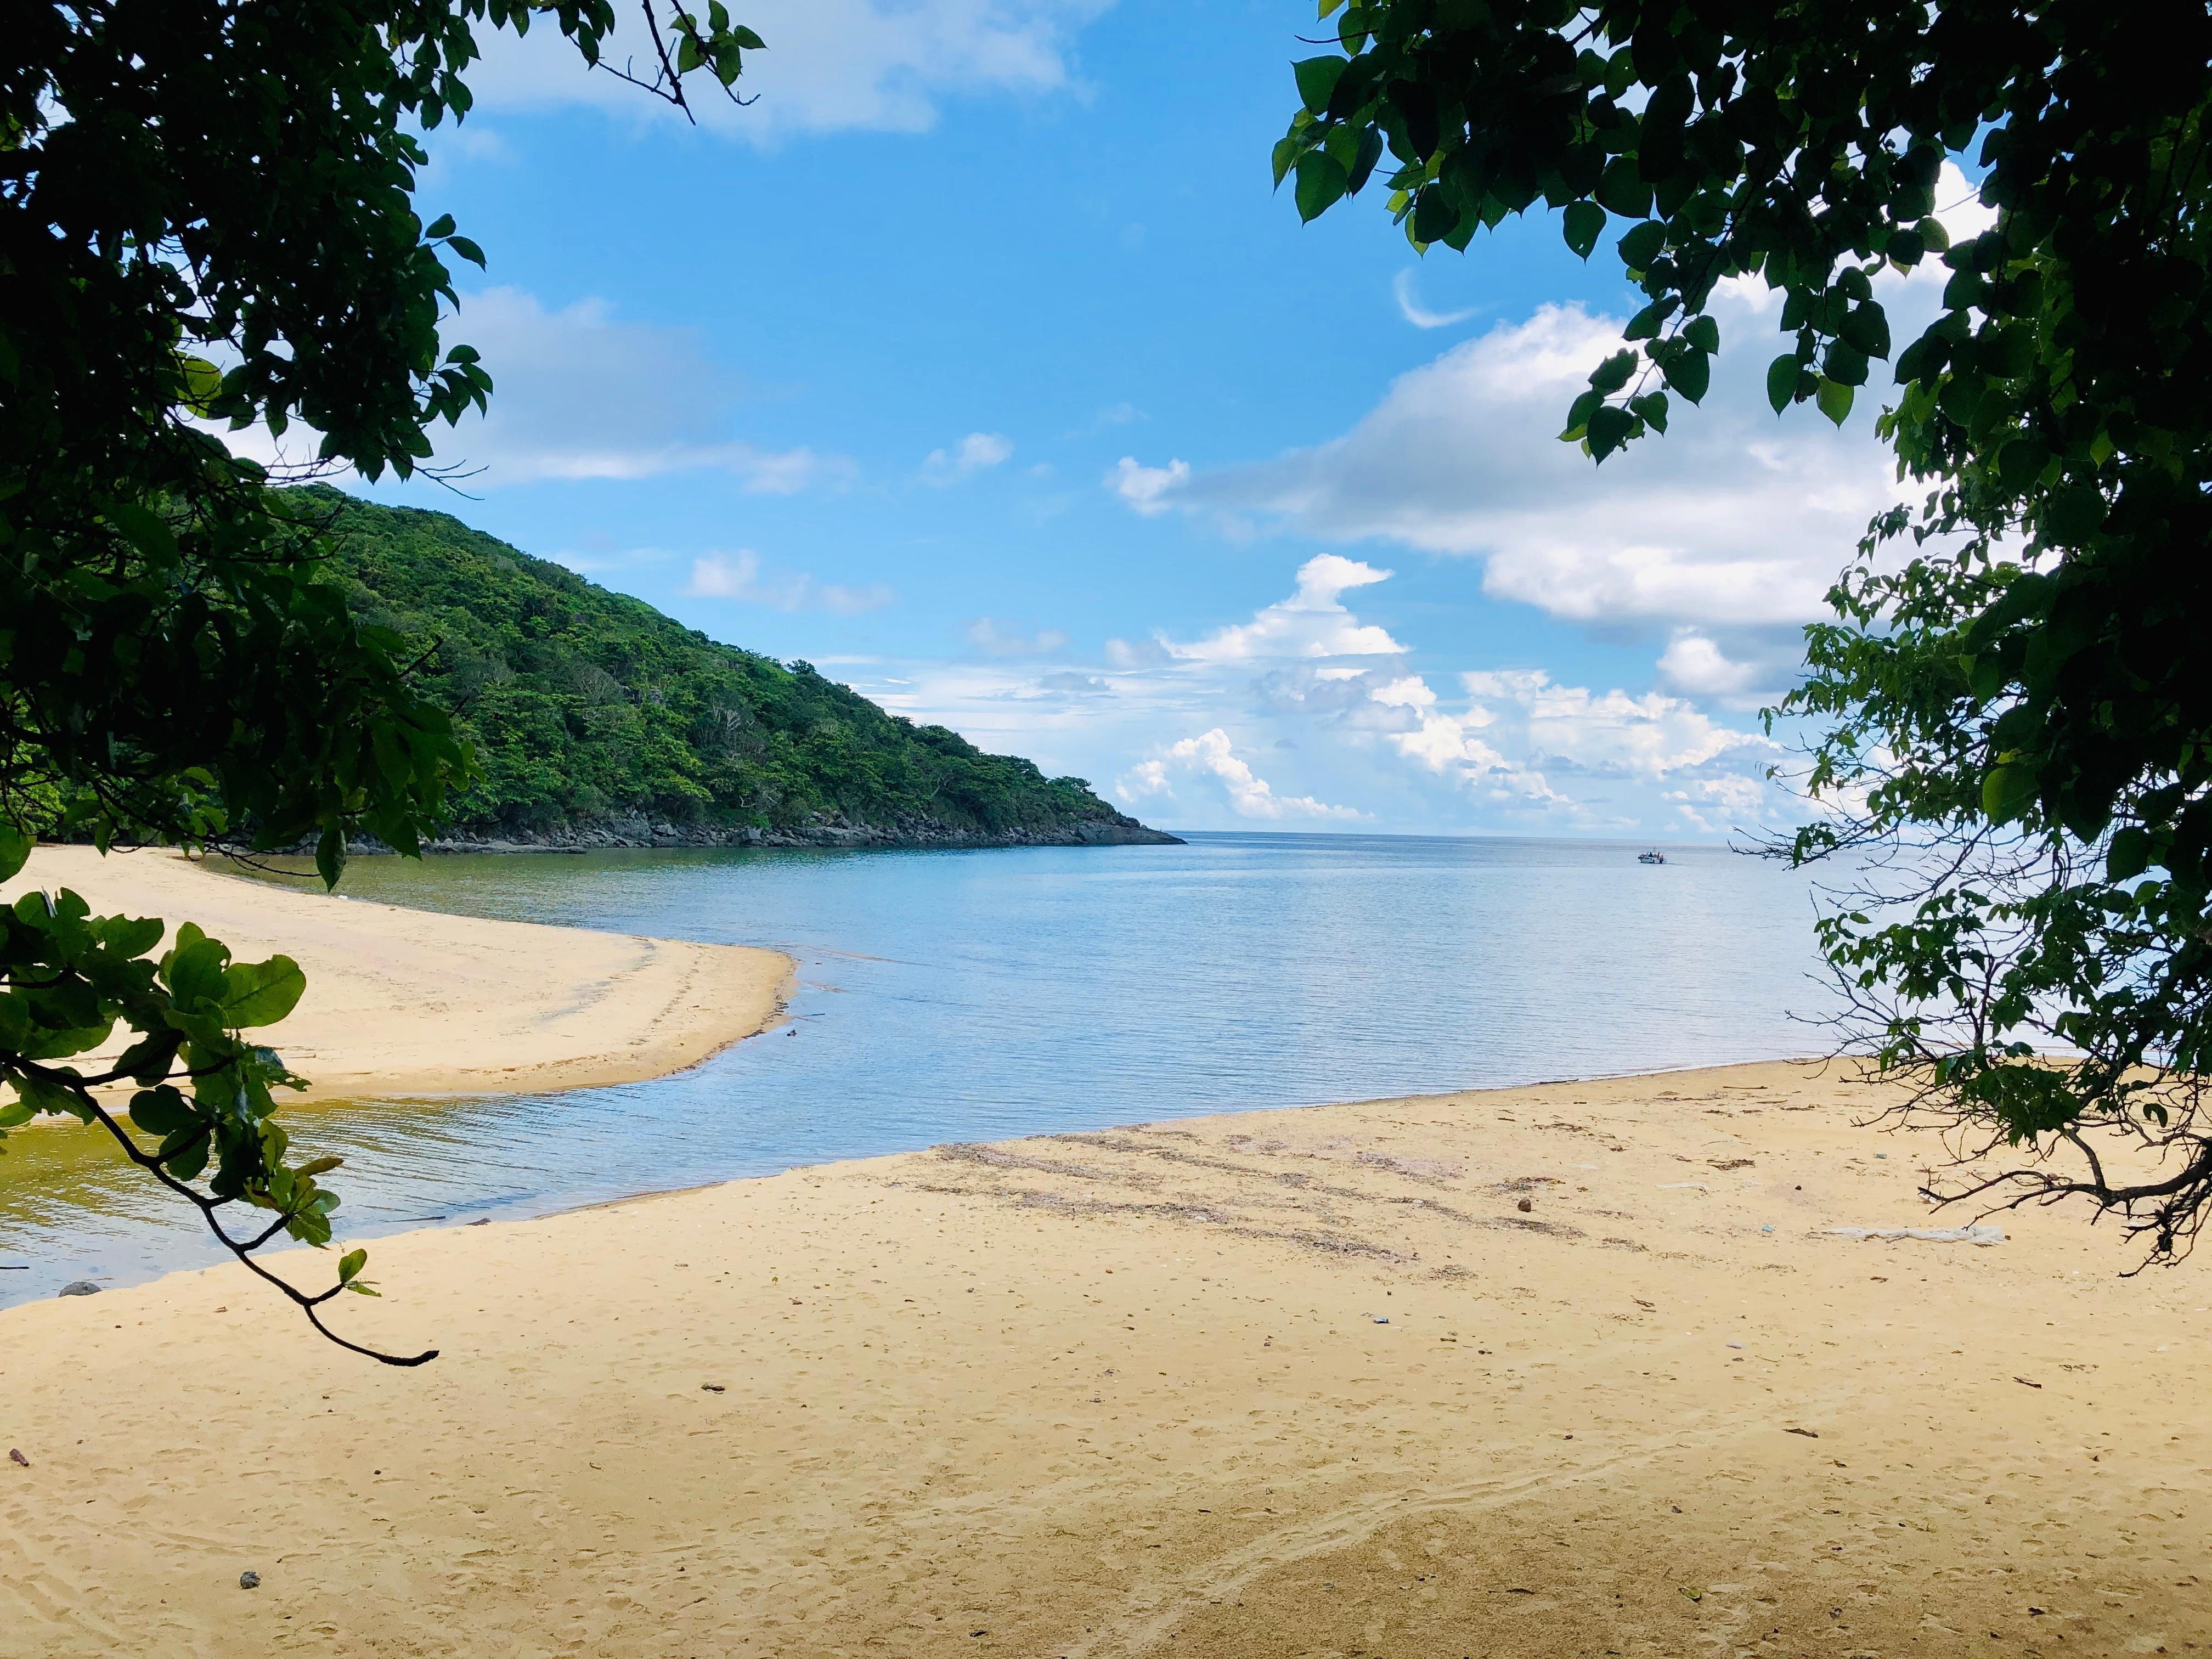 Điểm danh 15 địa điểm siêu đẹp ở Côn Đảo lên hình cực ảo - 37